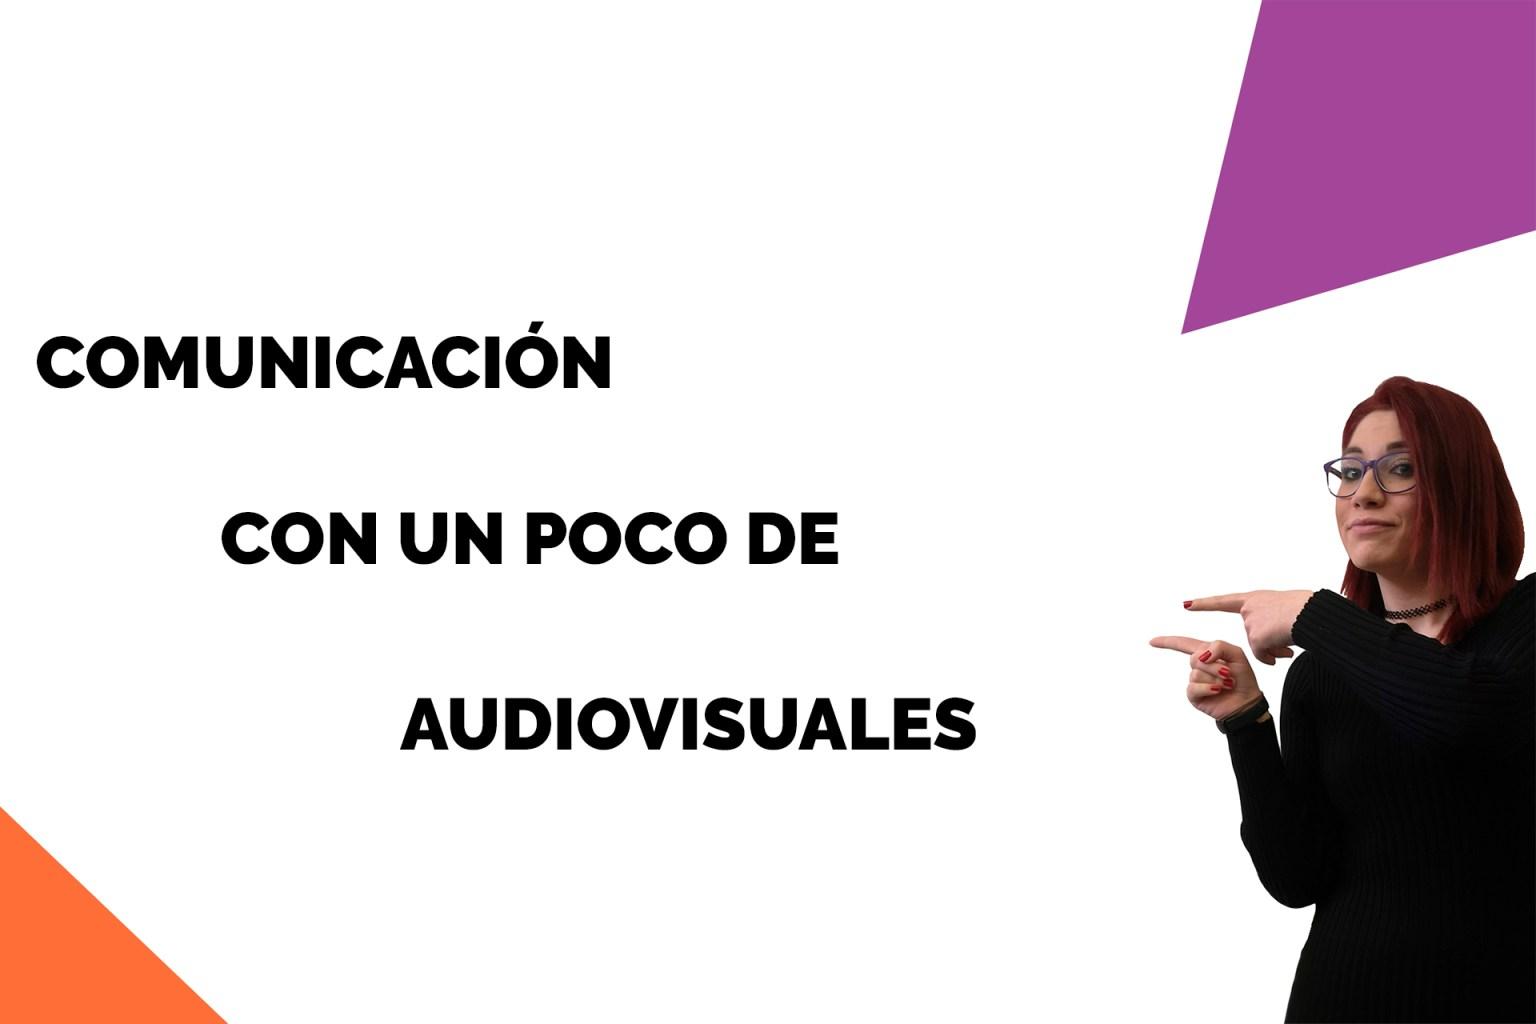 COMUNICACIÓN CON UN POCO DE AUDIOVISUALES